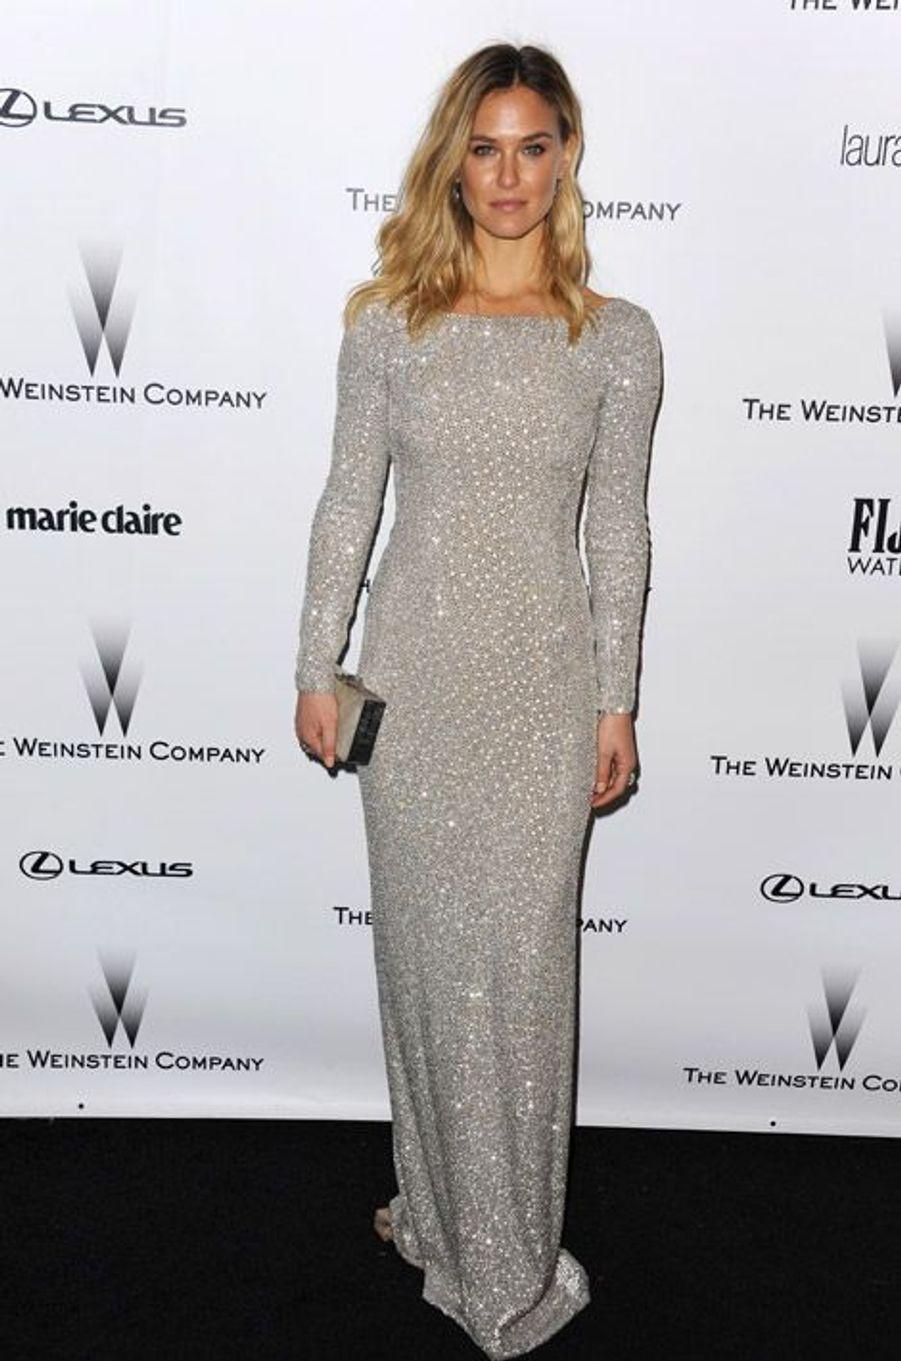 Le mannequin Bar Refaeli lors de la soirée Wainstein Company, après la cérrémonie des Golden Globes, le 11 janvier 2015